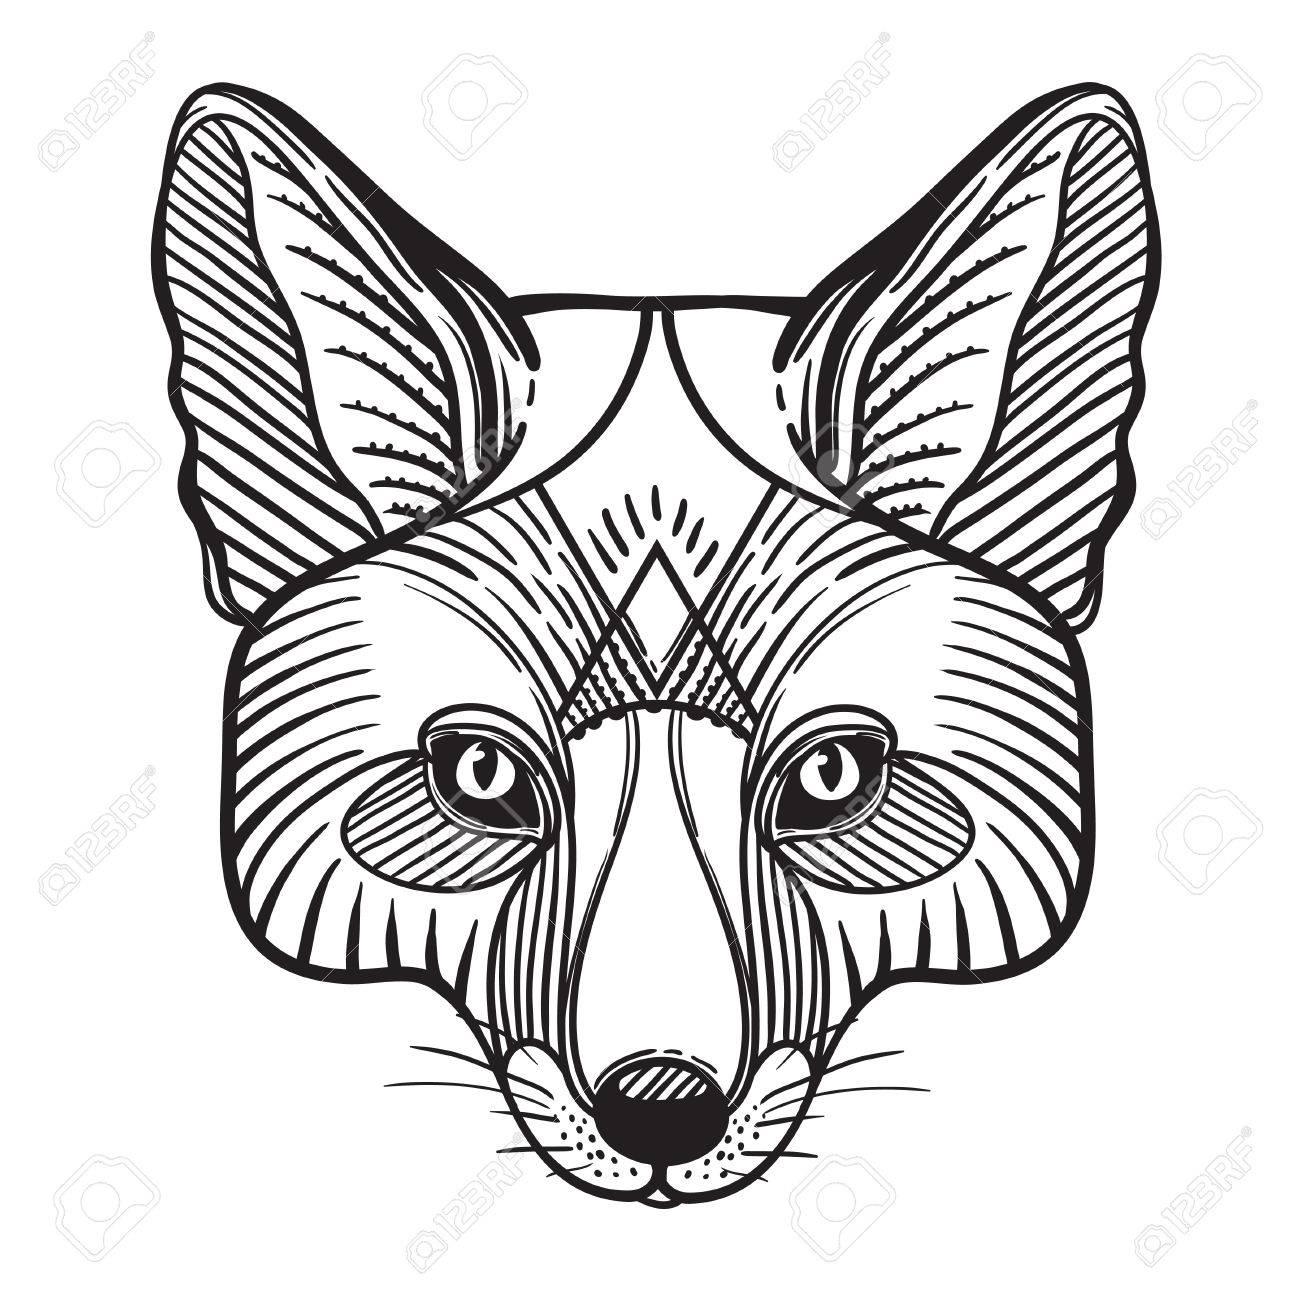 Tête De Renard Imprimé Animal Pour Coloriage Anti Stress Adulte Main Orné Motif Ethnique Dessinée Illustration Vectorielle Dessinez Pour Le